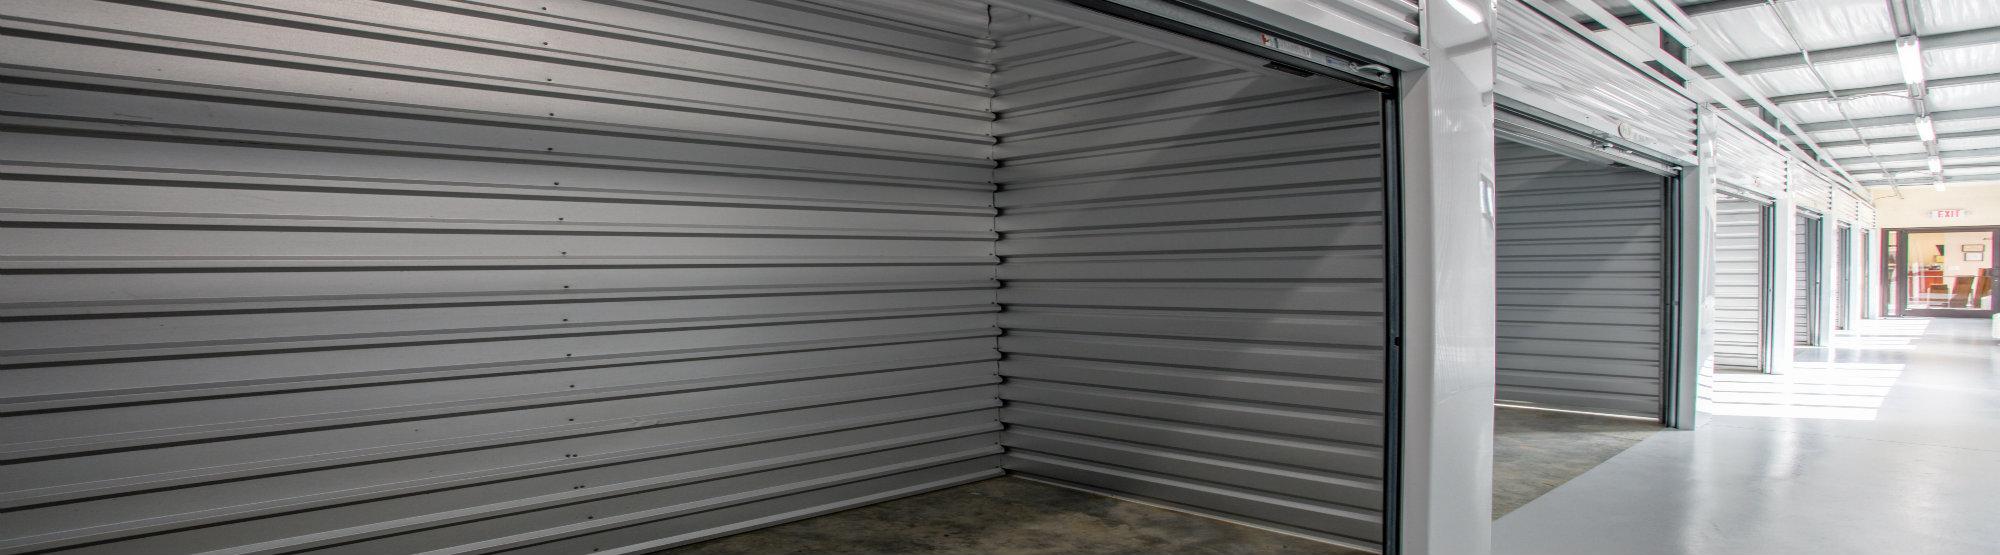 Self Storage In Georgia Storage Xxtra